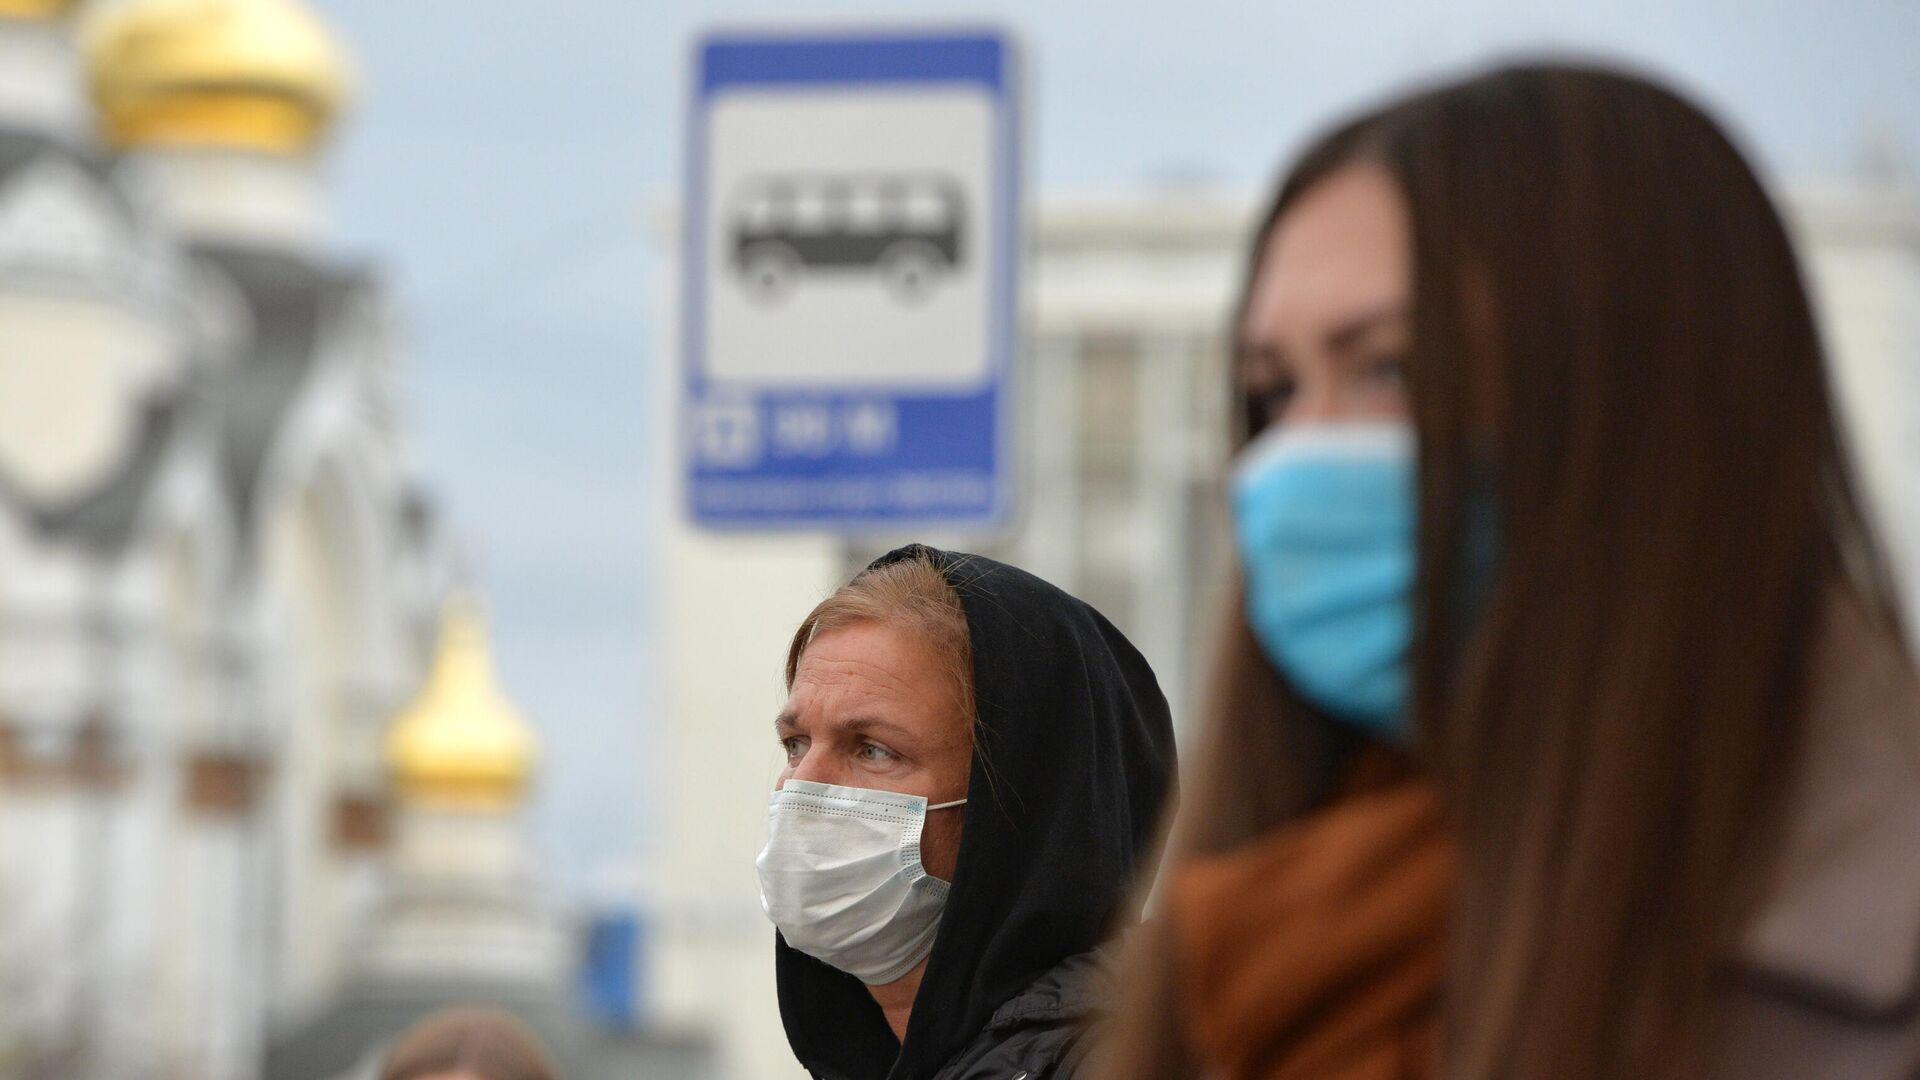 Люди в защитных масках на остановке общественного транспорта в Екатеринбурге - РИА Новости, 1920, 25.01.2021